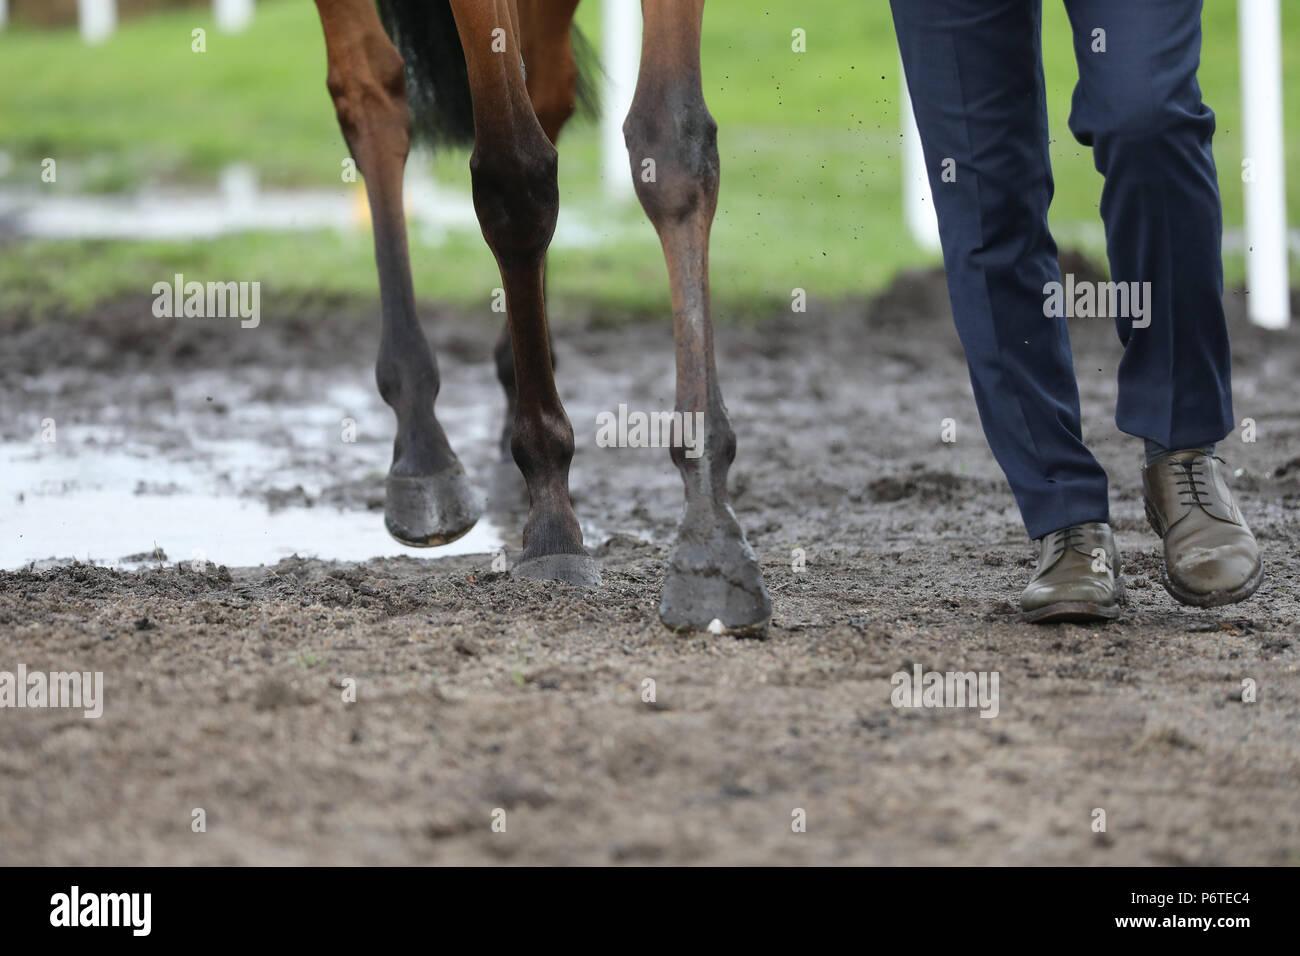 Hamburg, horses and human legs run over muddy ground - Stock Image